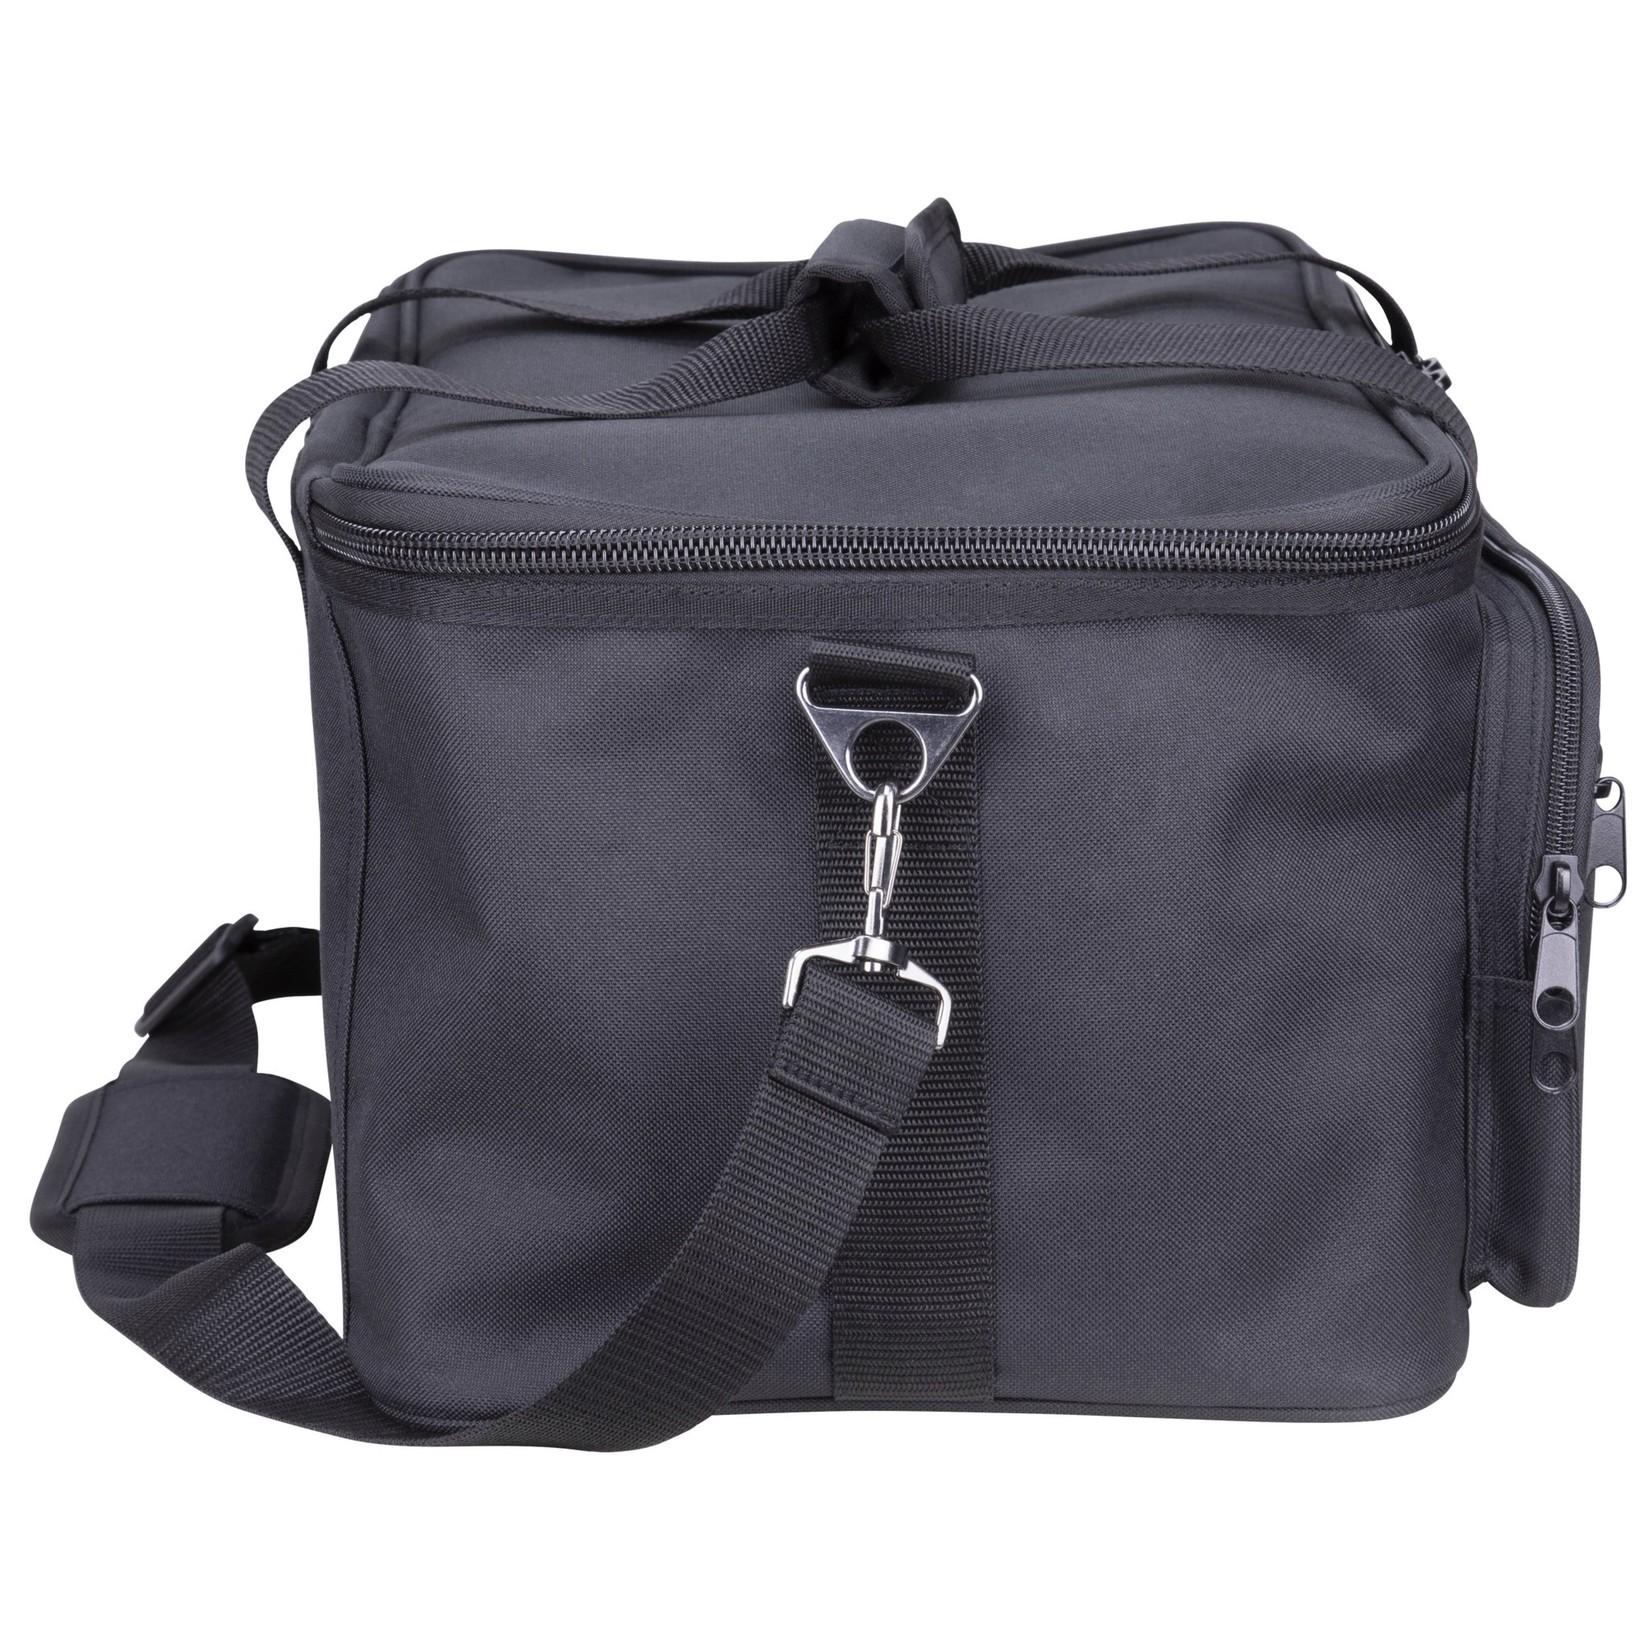 Pig Hog Pig Hog Cable Organizer Bag (2020), Black - Store/Transport Your Mic, Instrument, & Speaker Cables